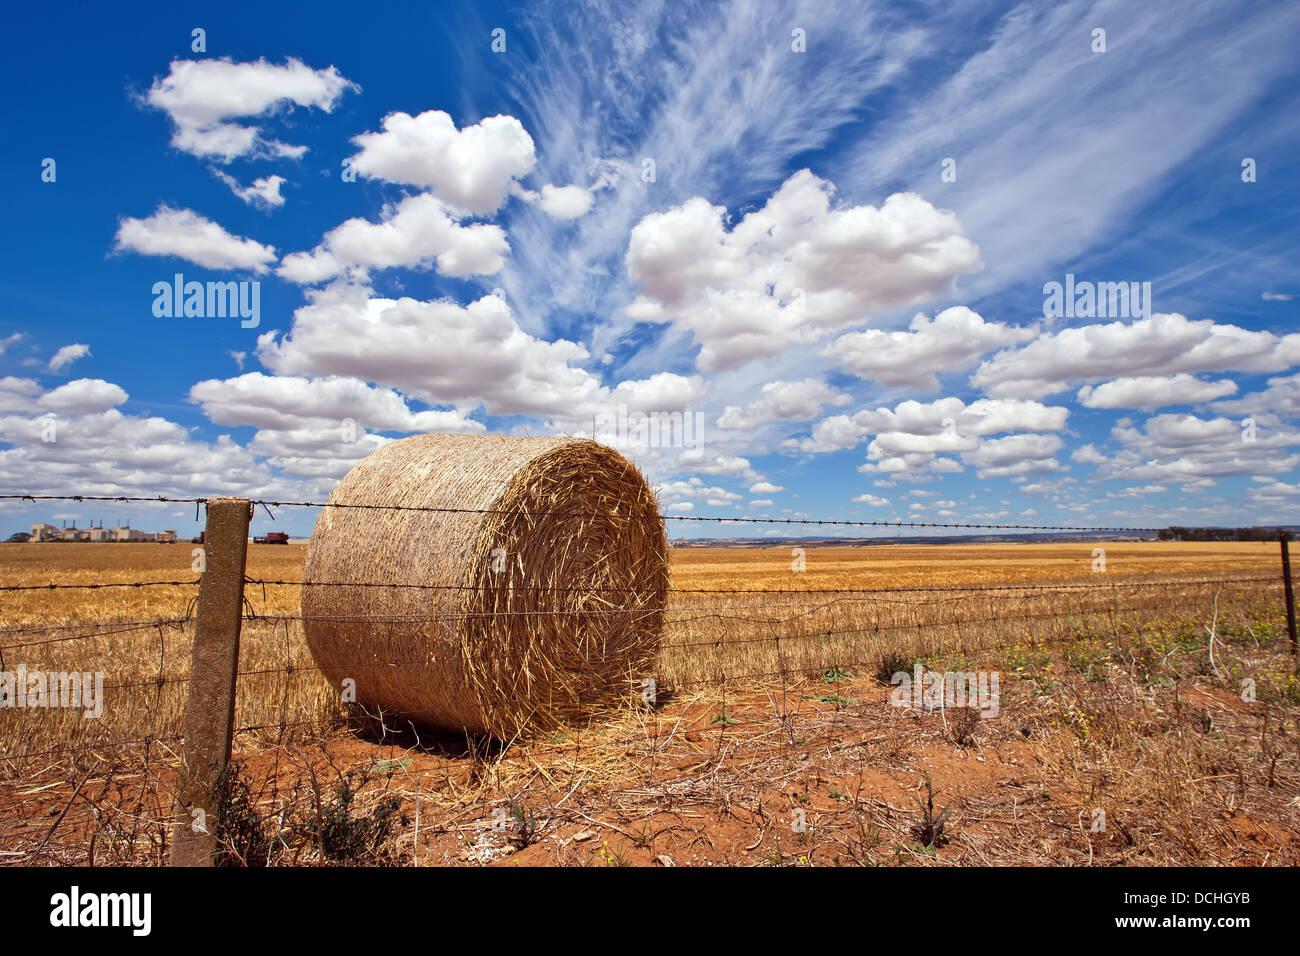 El cultivo de trigo en la mitad norte de Australia del Sur Imagen De Stock